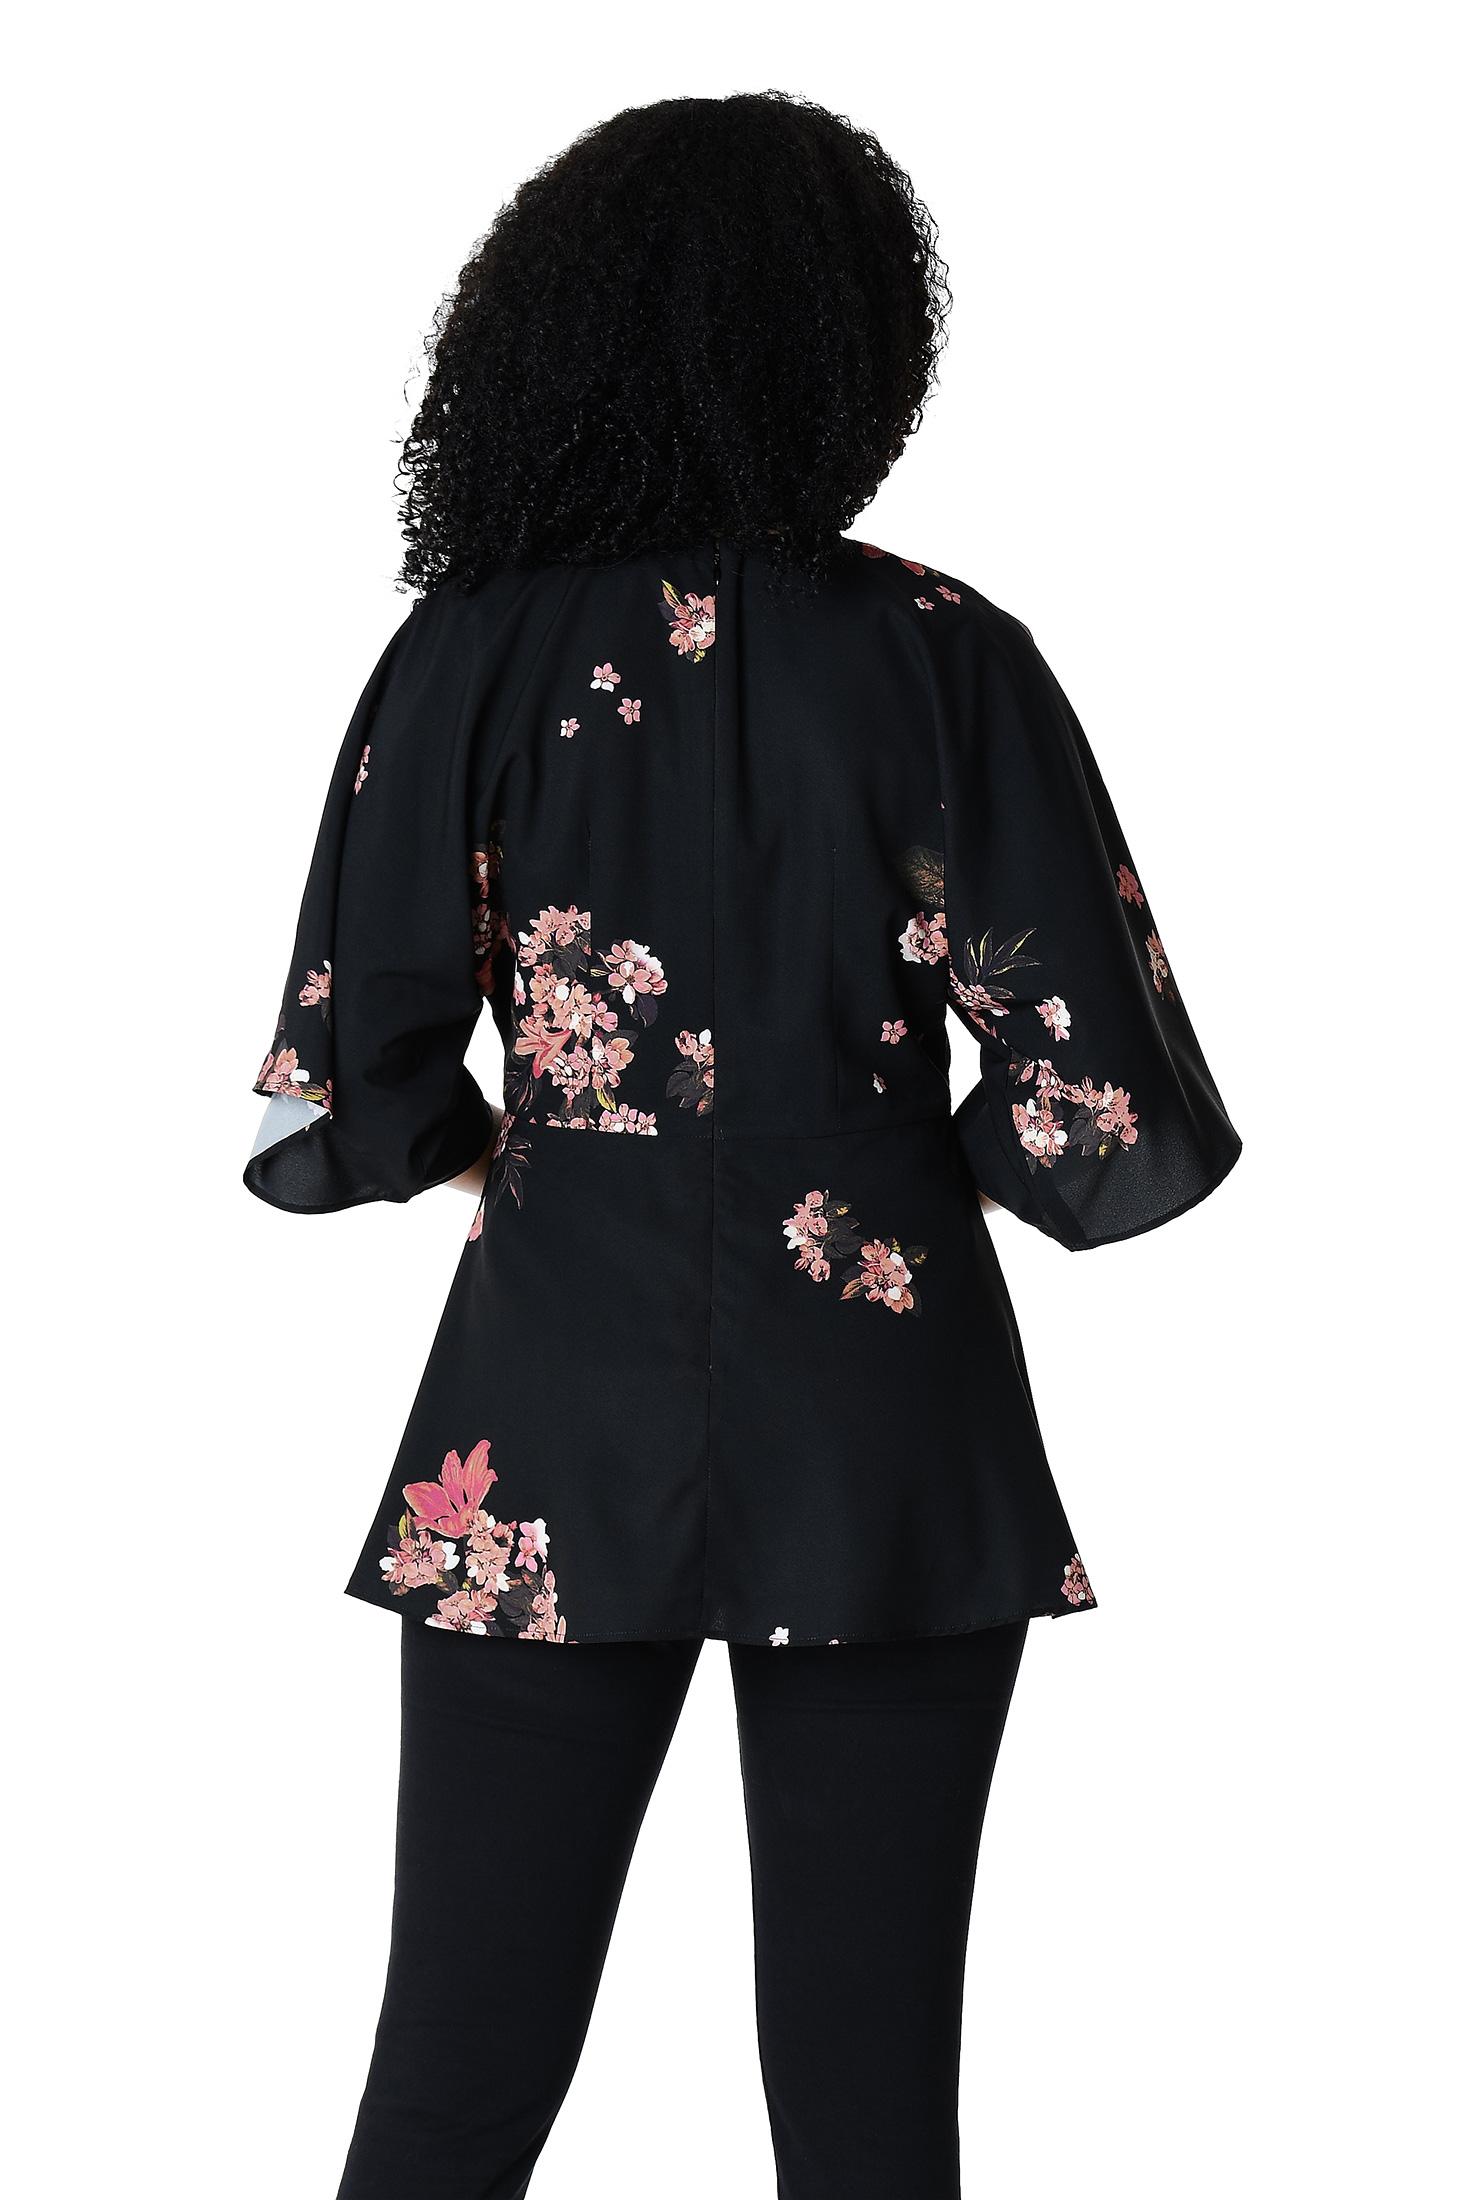 525d970e276c6 Kimono sleeve floral print crepe peplum blouse